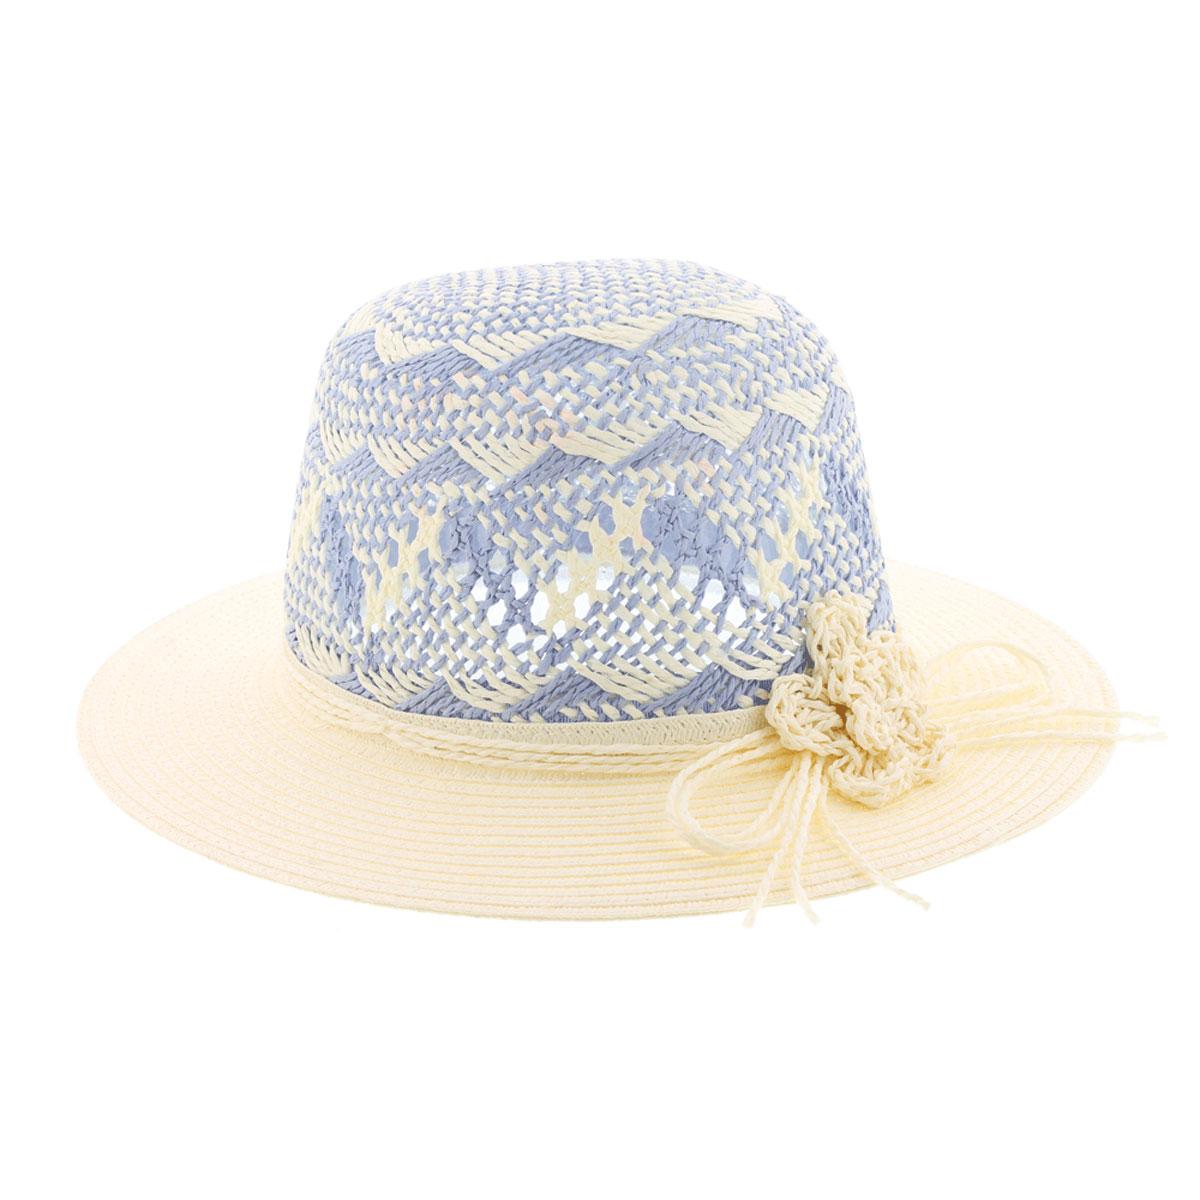 Шляпа77-098-32Летняя женская шляпа R.Mountain Clara станет незаменимым аксессуаром для пляжа и отдыха на природе. Такая шляпка не только защитит вас от солнца, но и станет стильным дополнением вашего образа. Шляпа оформлена небольшим металлическим логотипом фирмы и небольшим декоративным цветком. Плетение шляпы обеспечивает необходимую вентиляцию и комфорт даже в самый знойный день. Шляпа легко восстанавливает свою форму после сжатия. Эта элегантная легкая шляпка подчеркнет вашу неповторимость и дополнит ваш повседневный образ.